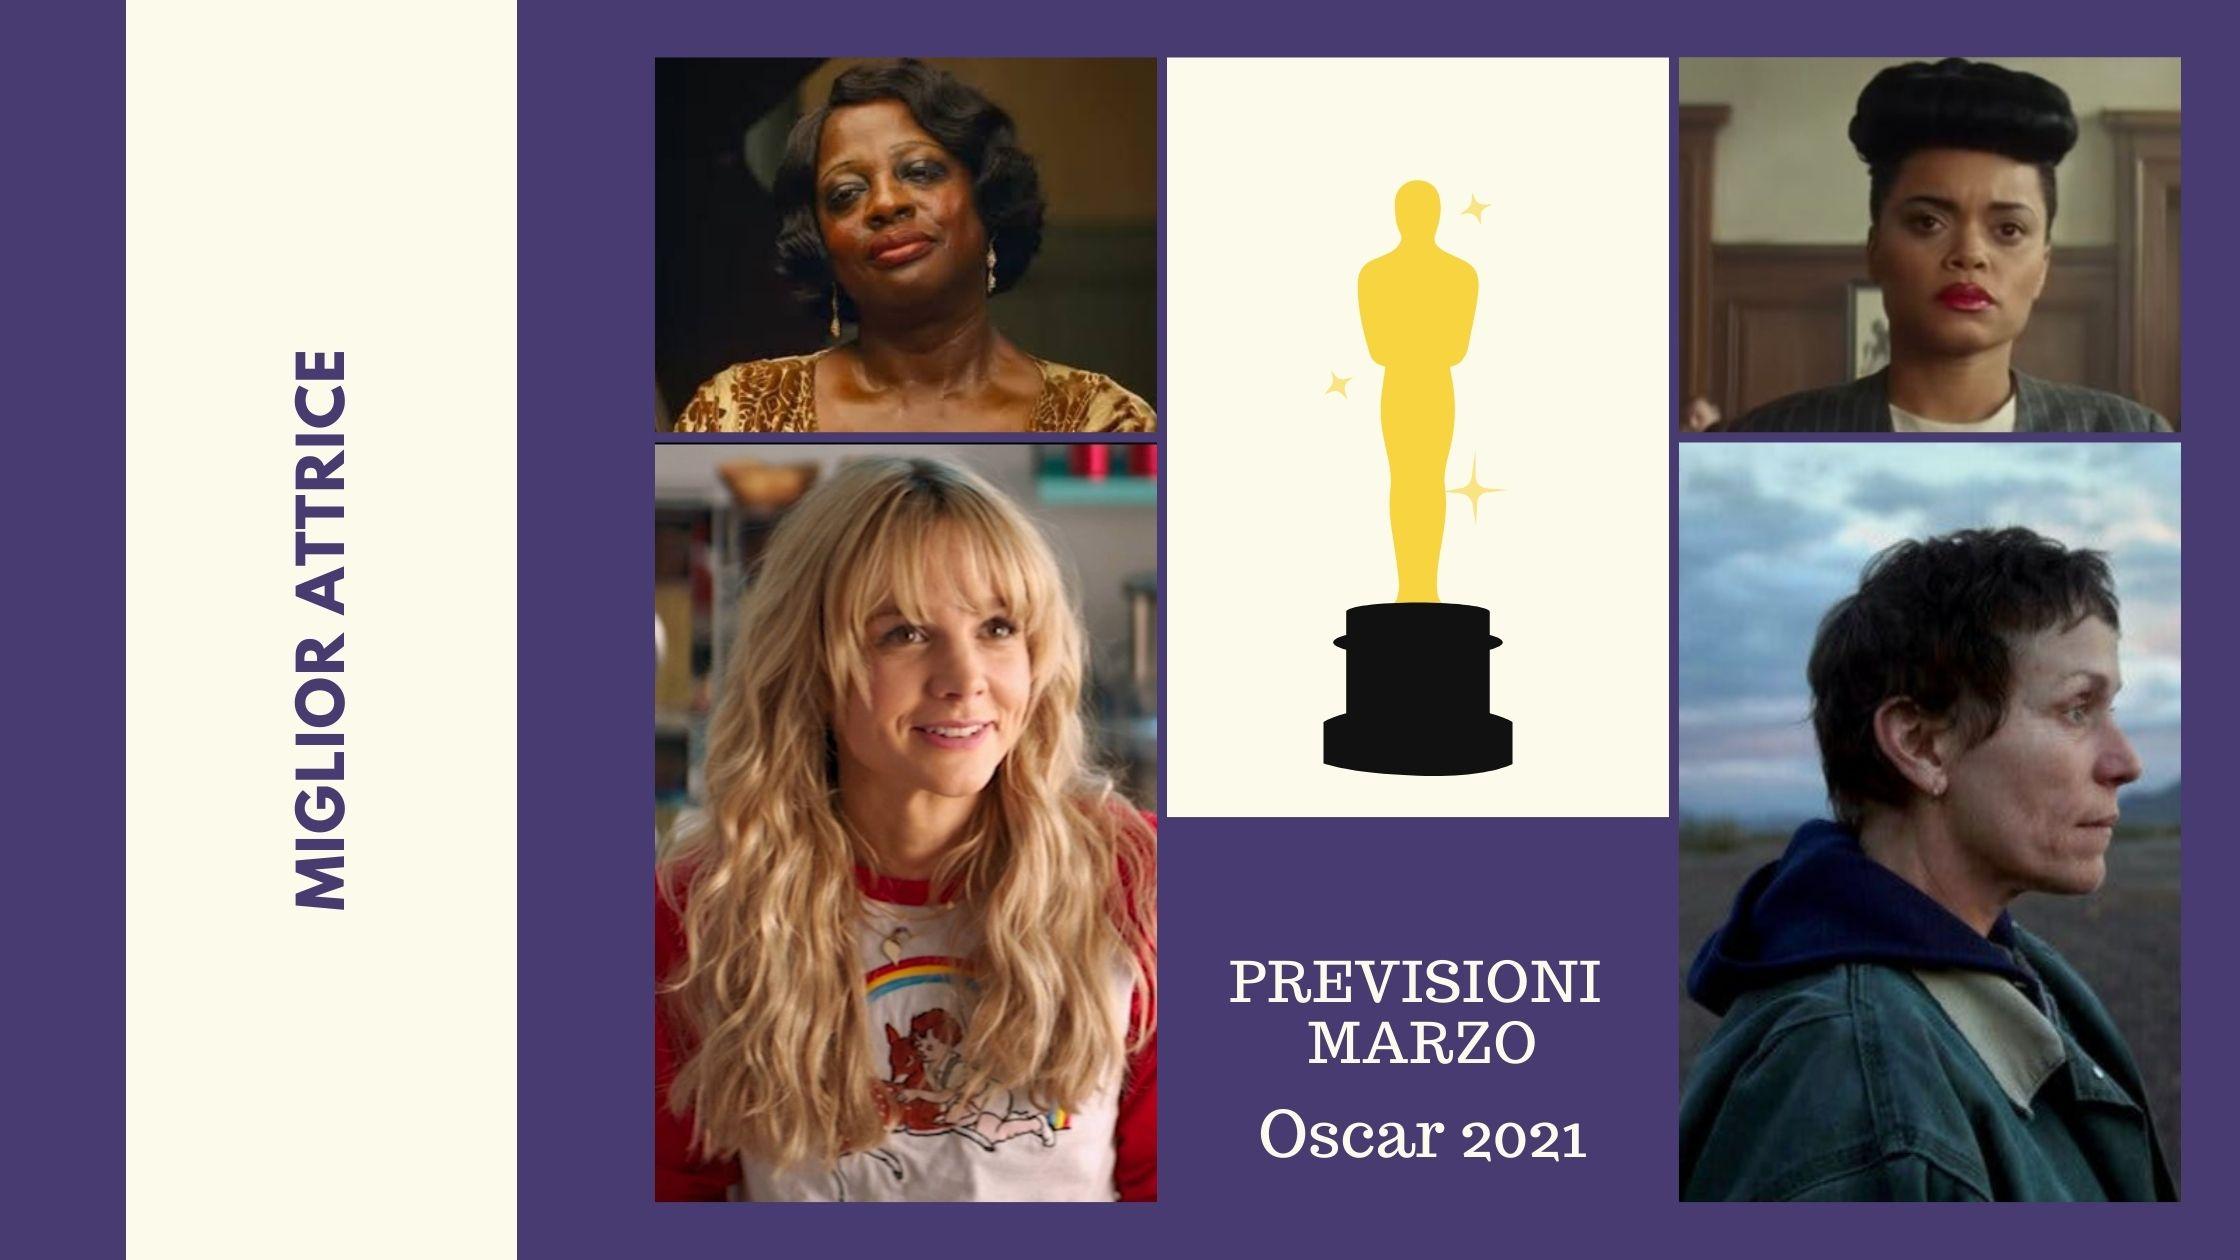 Miglior attrice Previsioni Nomination Osars 2021Oscar 2021